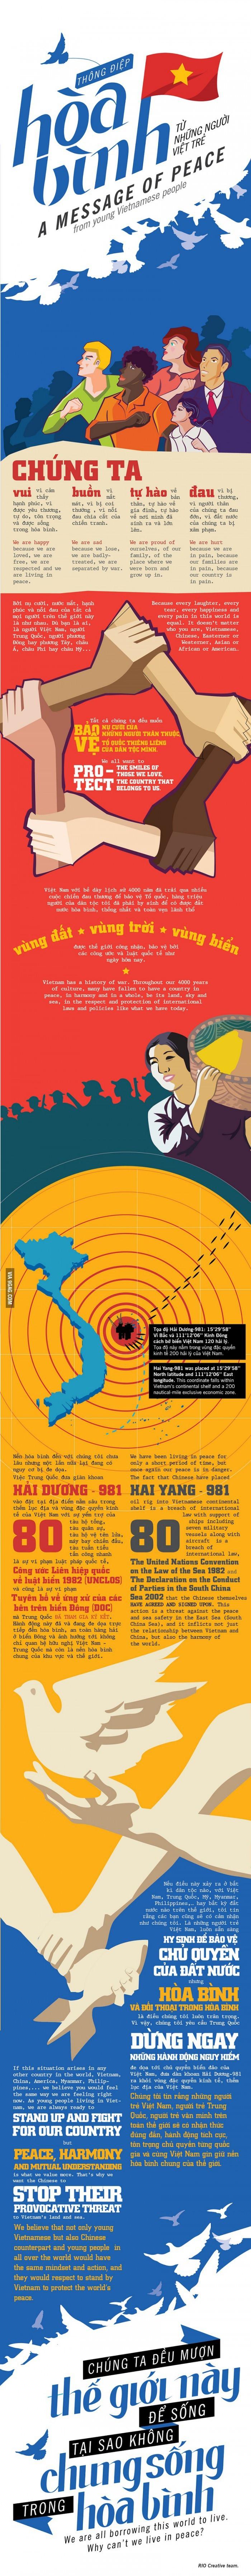 [Infographic] Thông điệp hòa bình từ những người Việt trẻ